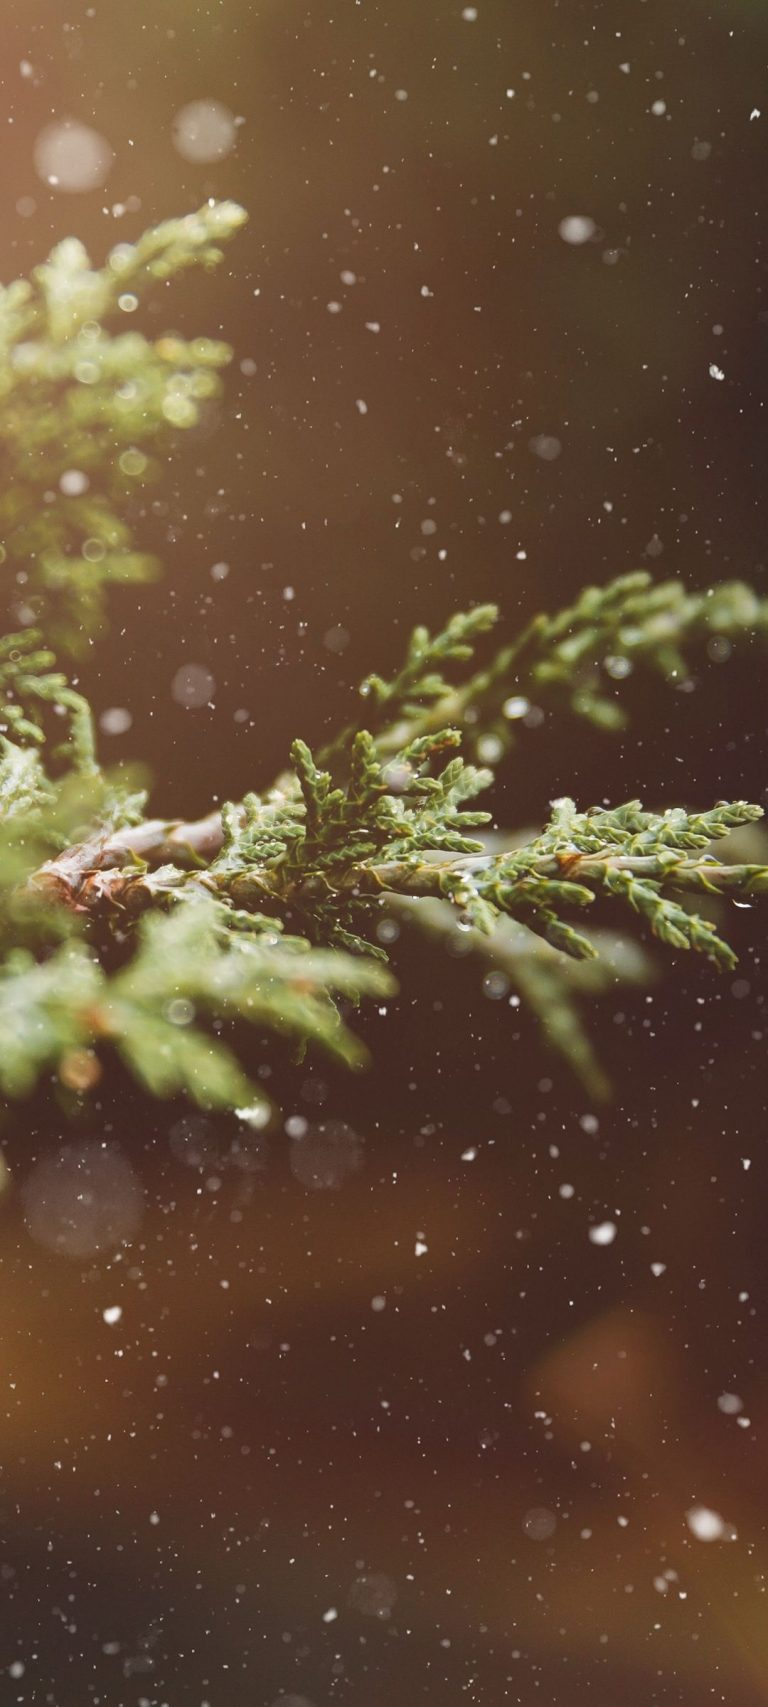 Branches Snow Glare 1080x2400 768x1707